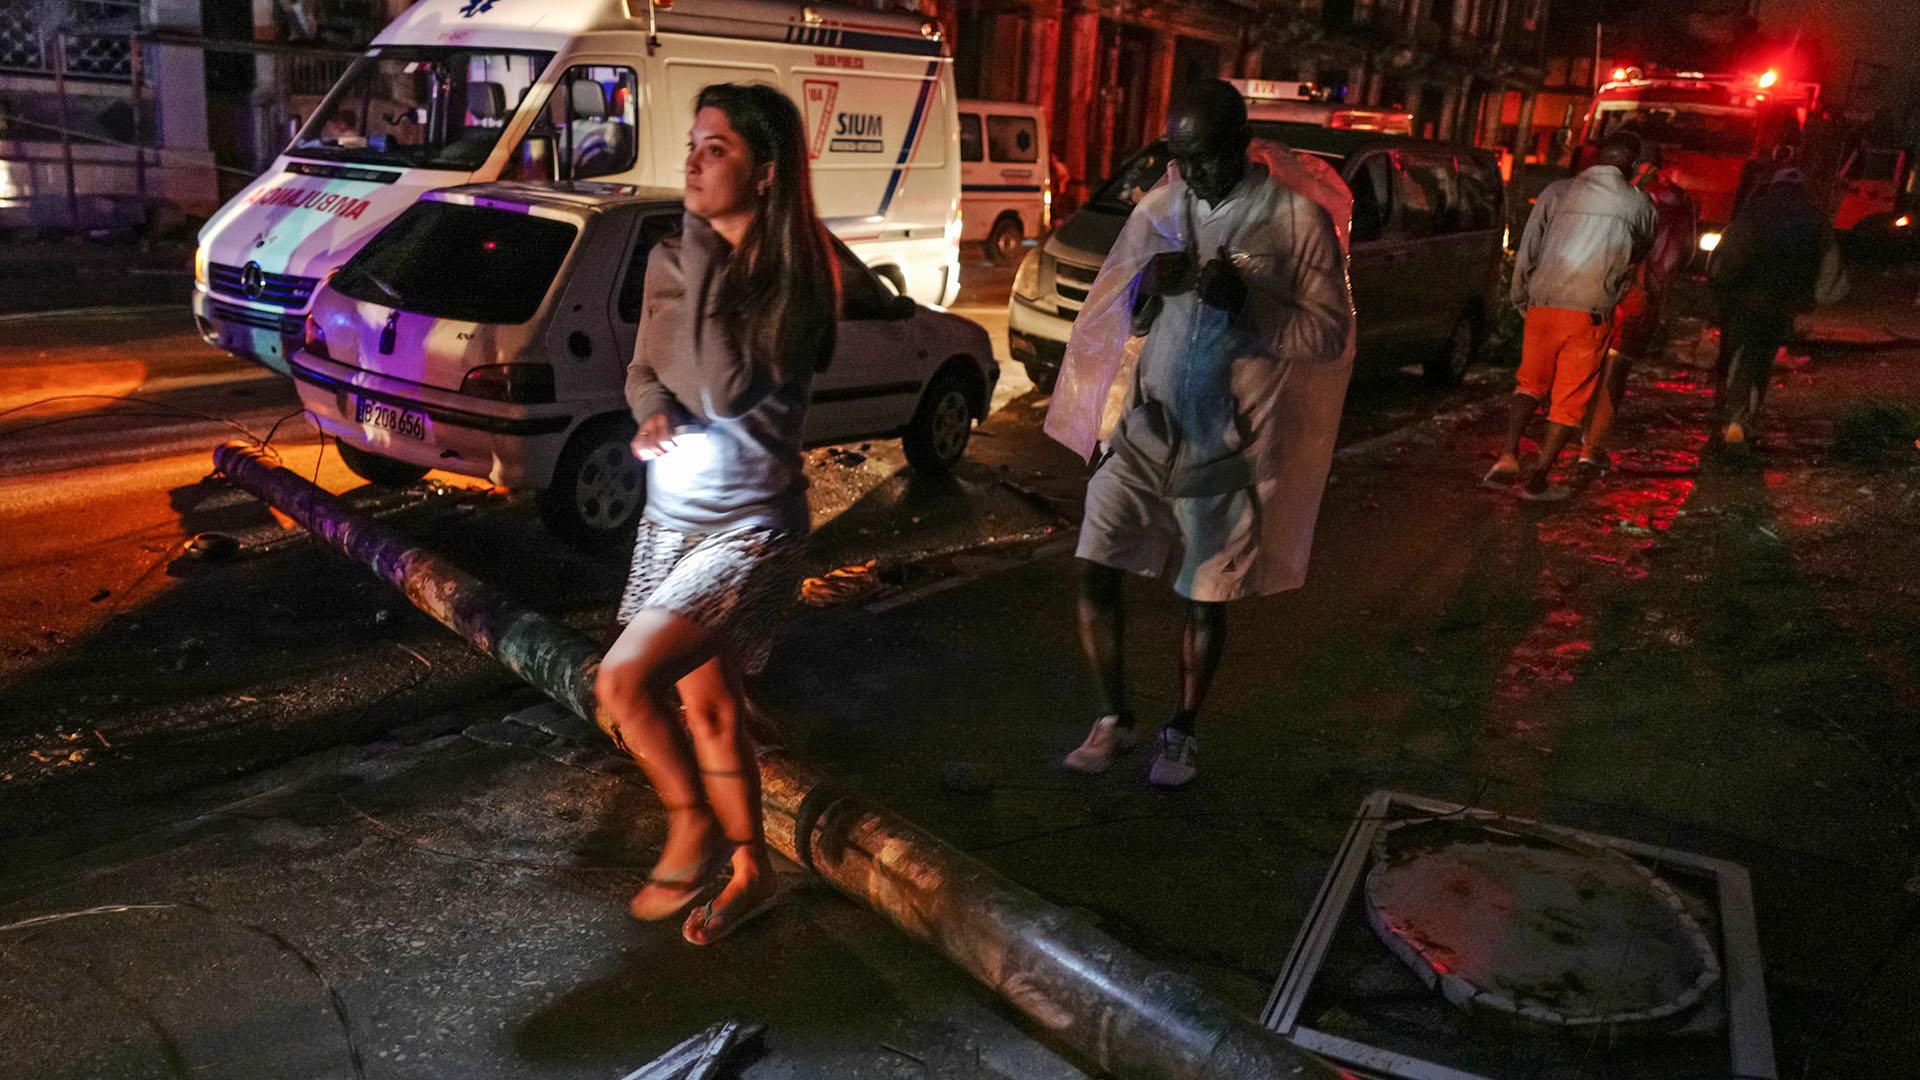 El tráfico quedó complicado por la caída de postes y las personas debieron caminar (AFP)